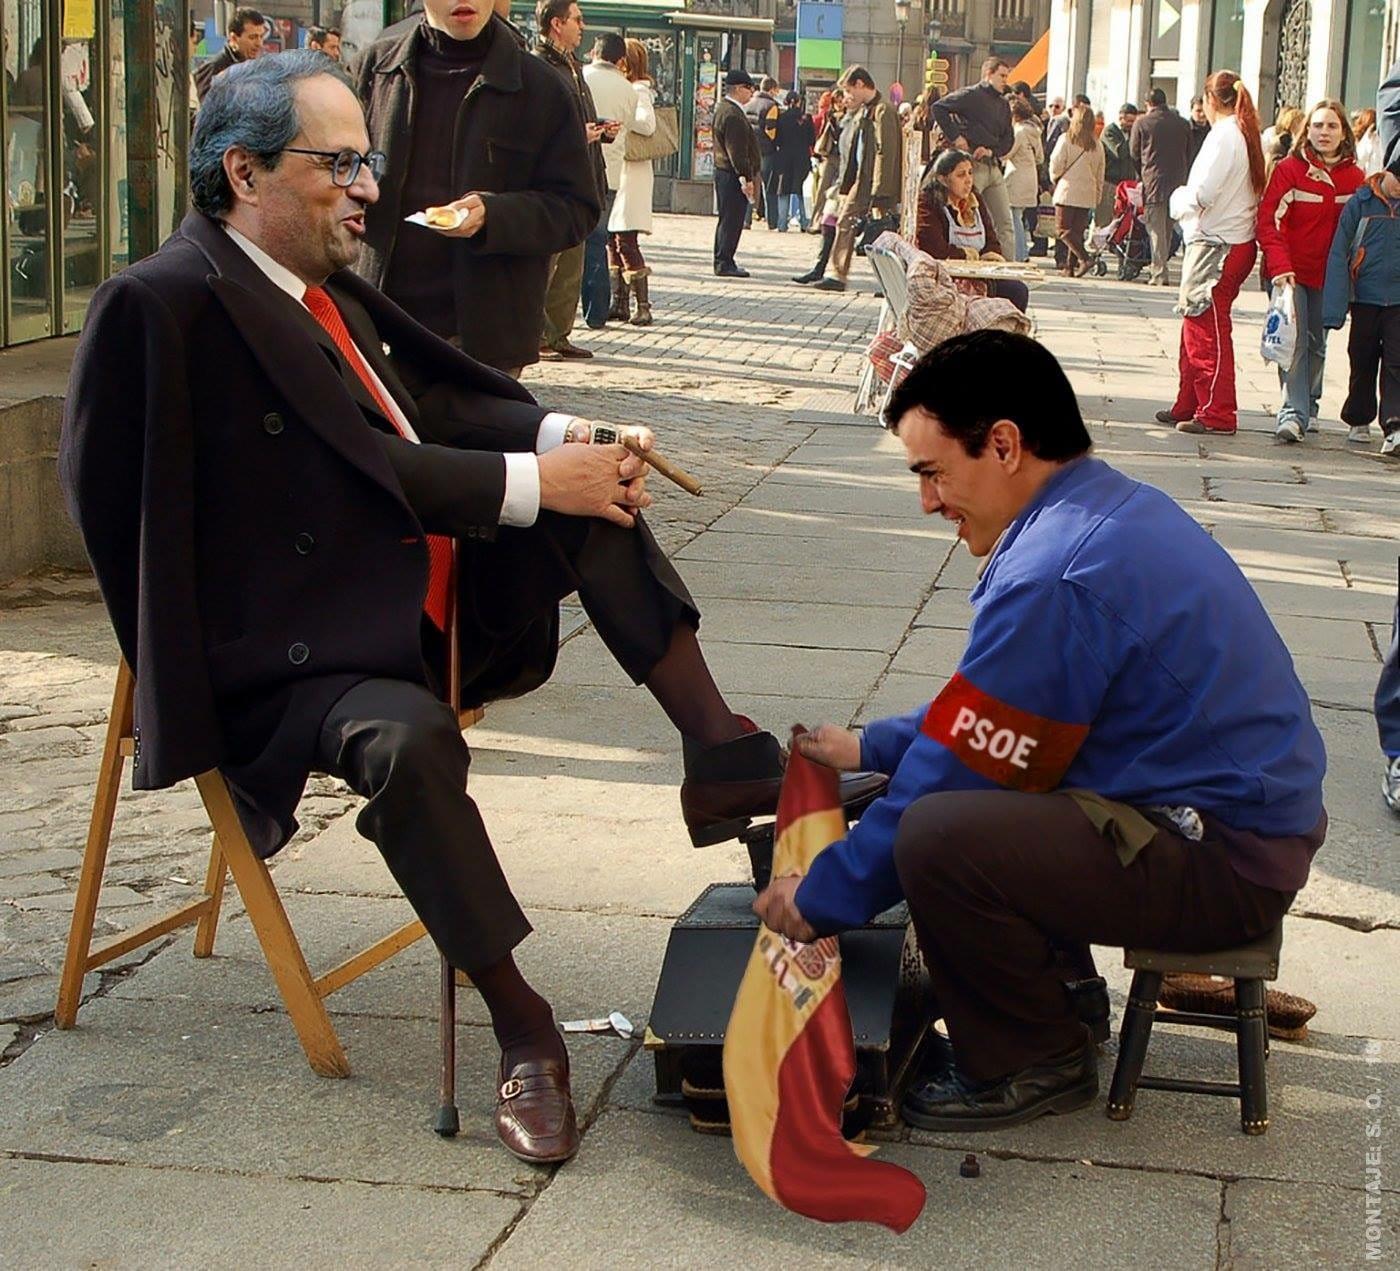 La servidumbre ante sus socios antiespañoles exaspera a la ciudadanía